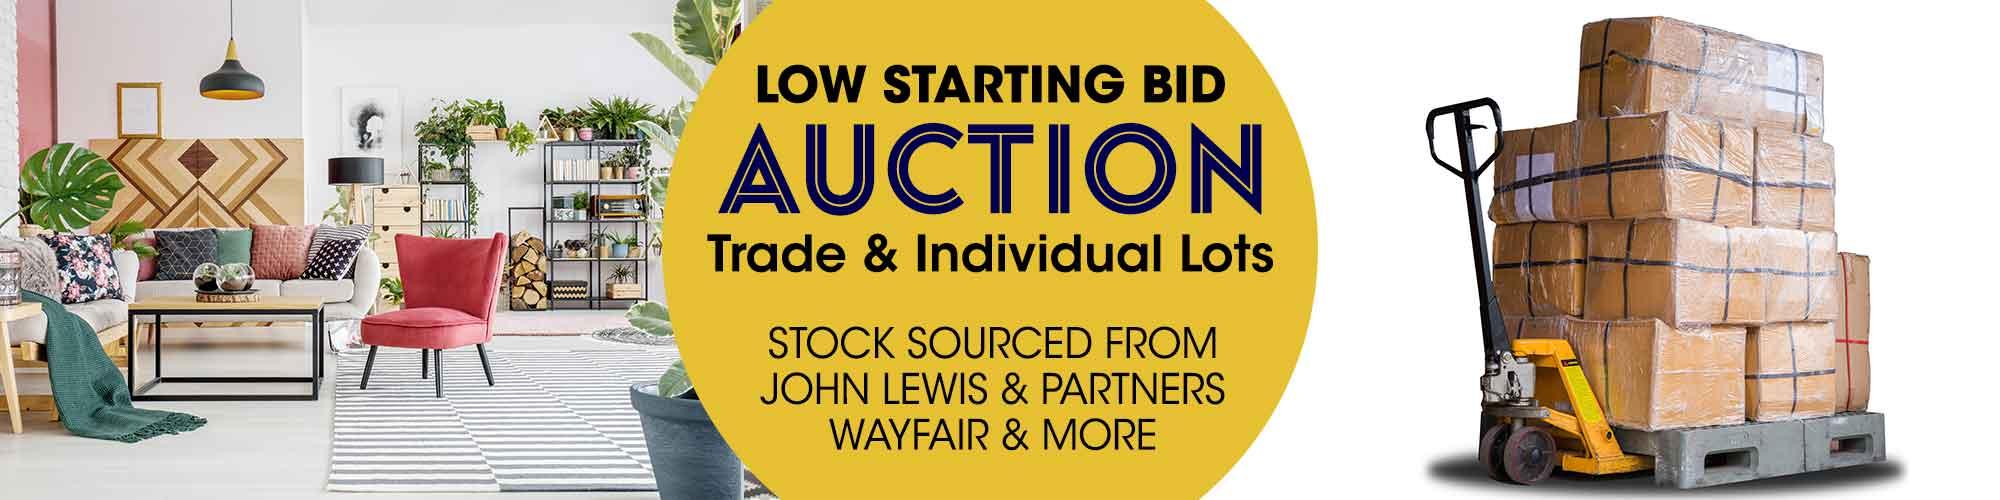 Midweek Low Starting Bid Online Auction